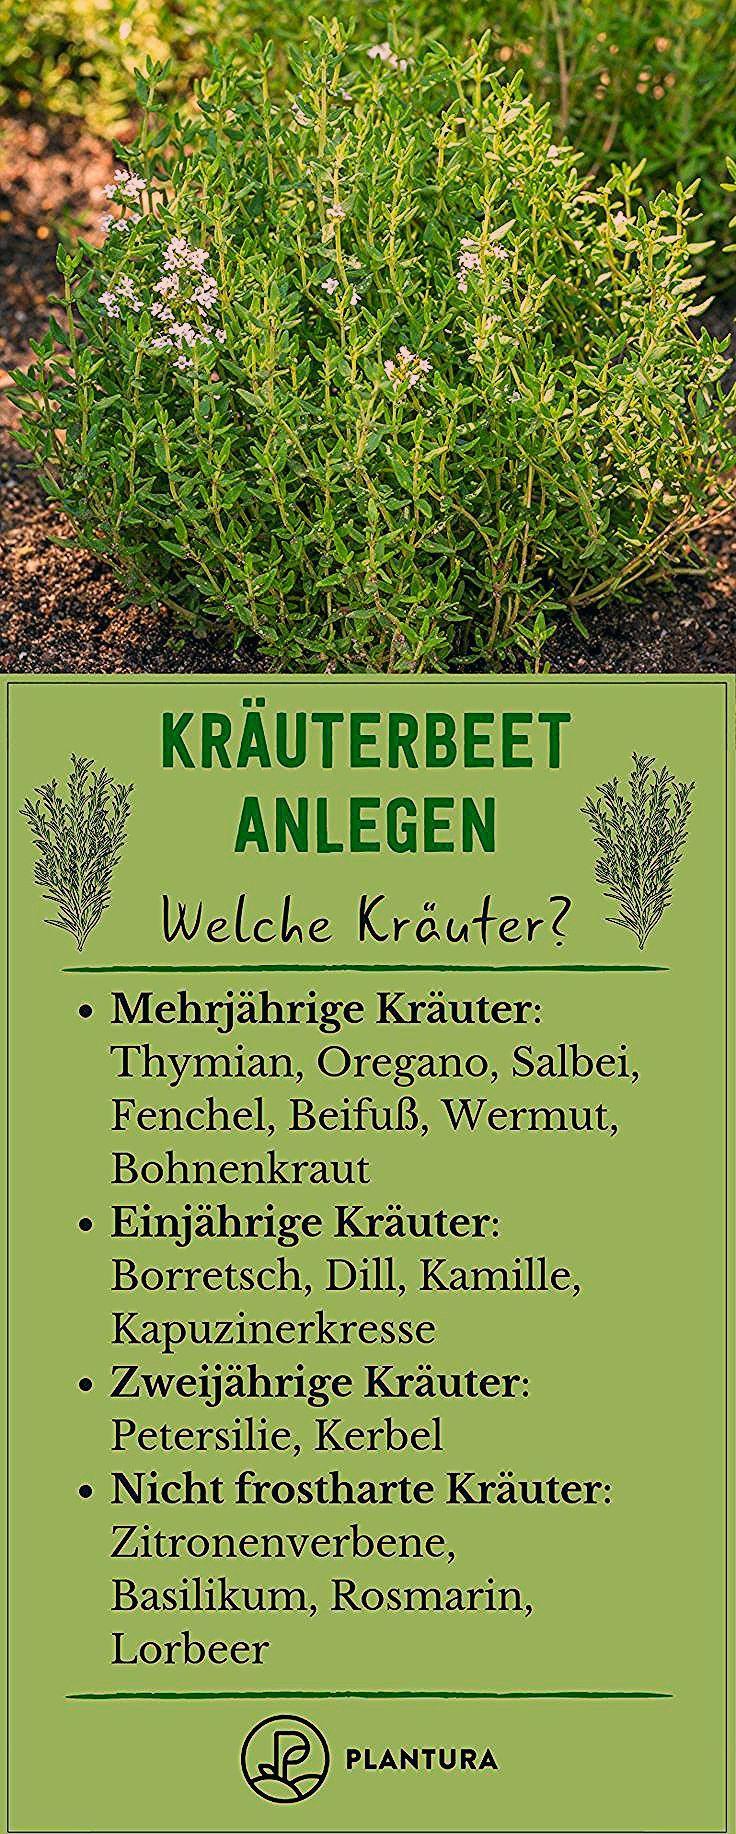 Kräuterbeet anlegen: Standort, Sortenwahl & Anleitung - Plantura